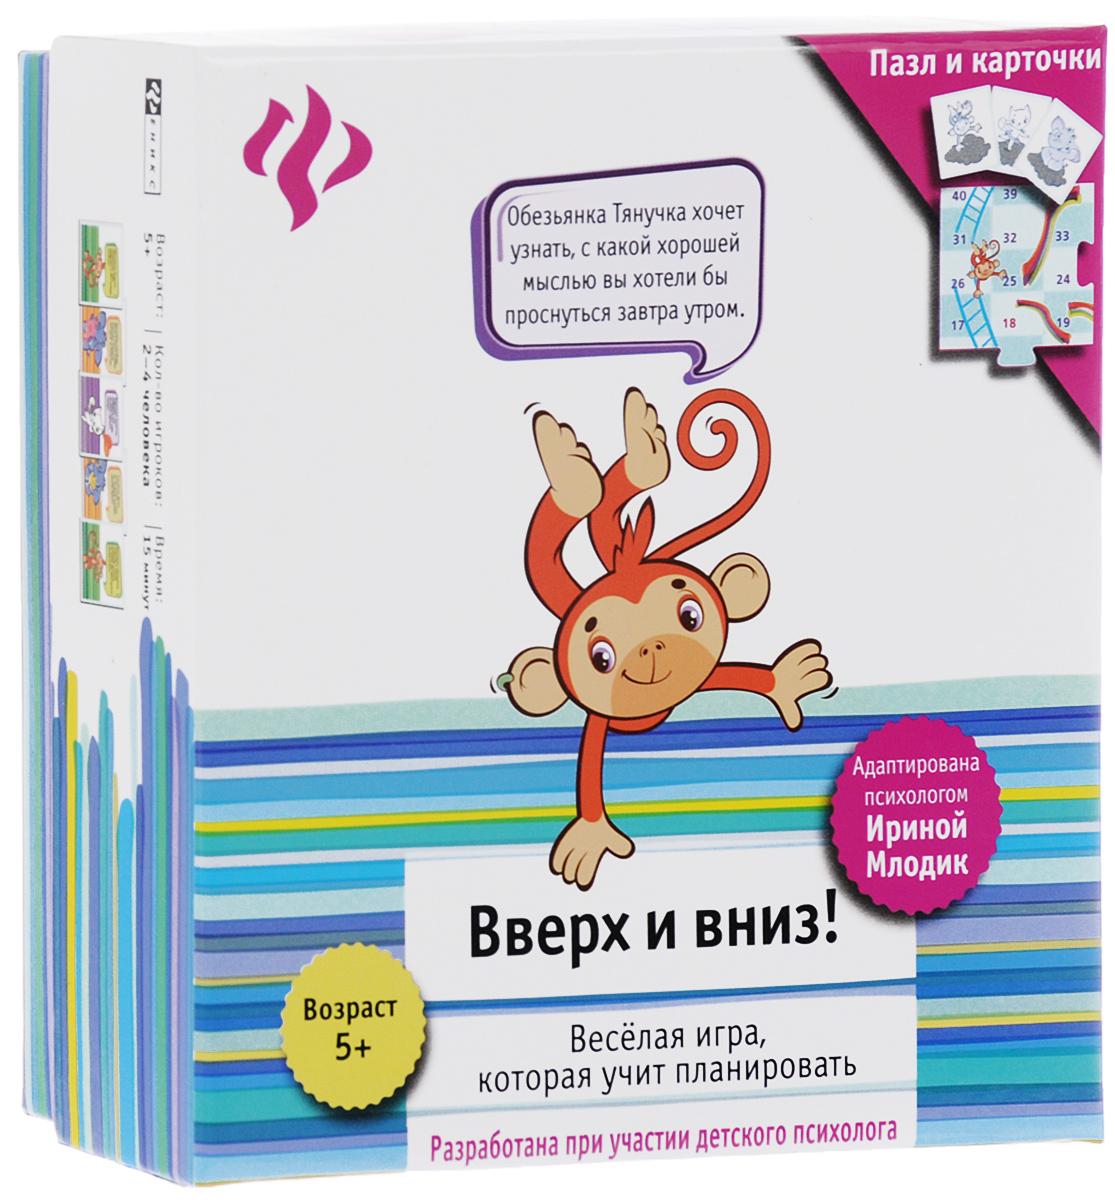 Феникс Обучающая игра Вверх и вниз!PR2023Отправьтесь в веселое путешествие с обезьянкой Тянучкой, кошечкой Зефиркой и слоненком Шоко. С ними вы сможете поделиться своими мечтами, повеселиться, порадоваться прошедшему дню и даже построить планы на завтра. Уникальность и достоинства этой игры: развивает базовые навыки планирования; позволяет детям и родителям весело провести время вместе; повышает эмоциональный интеллект; стимулирует общение между родителями и детьми. В комплекте: 9 фрагментов свободного игрового поля, 18 карточек, игральный кубик, 4 фишки, правила игры.